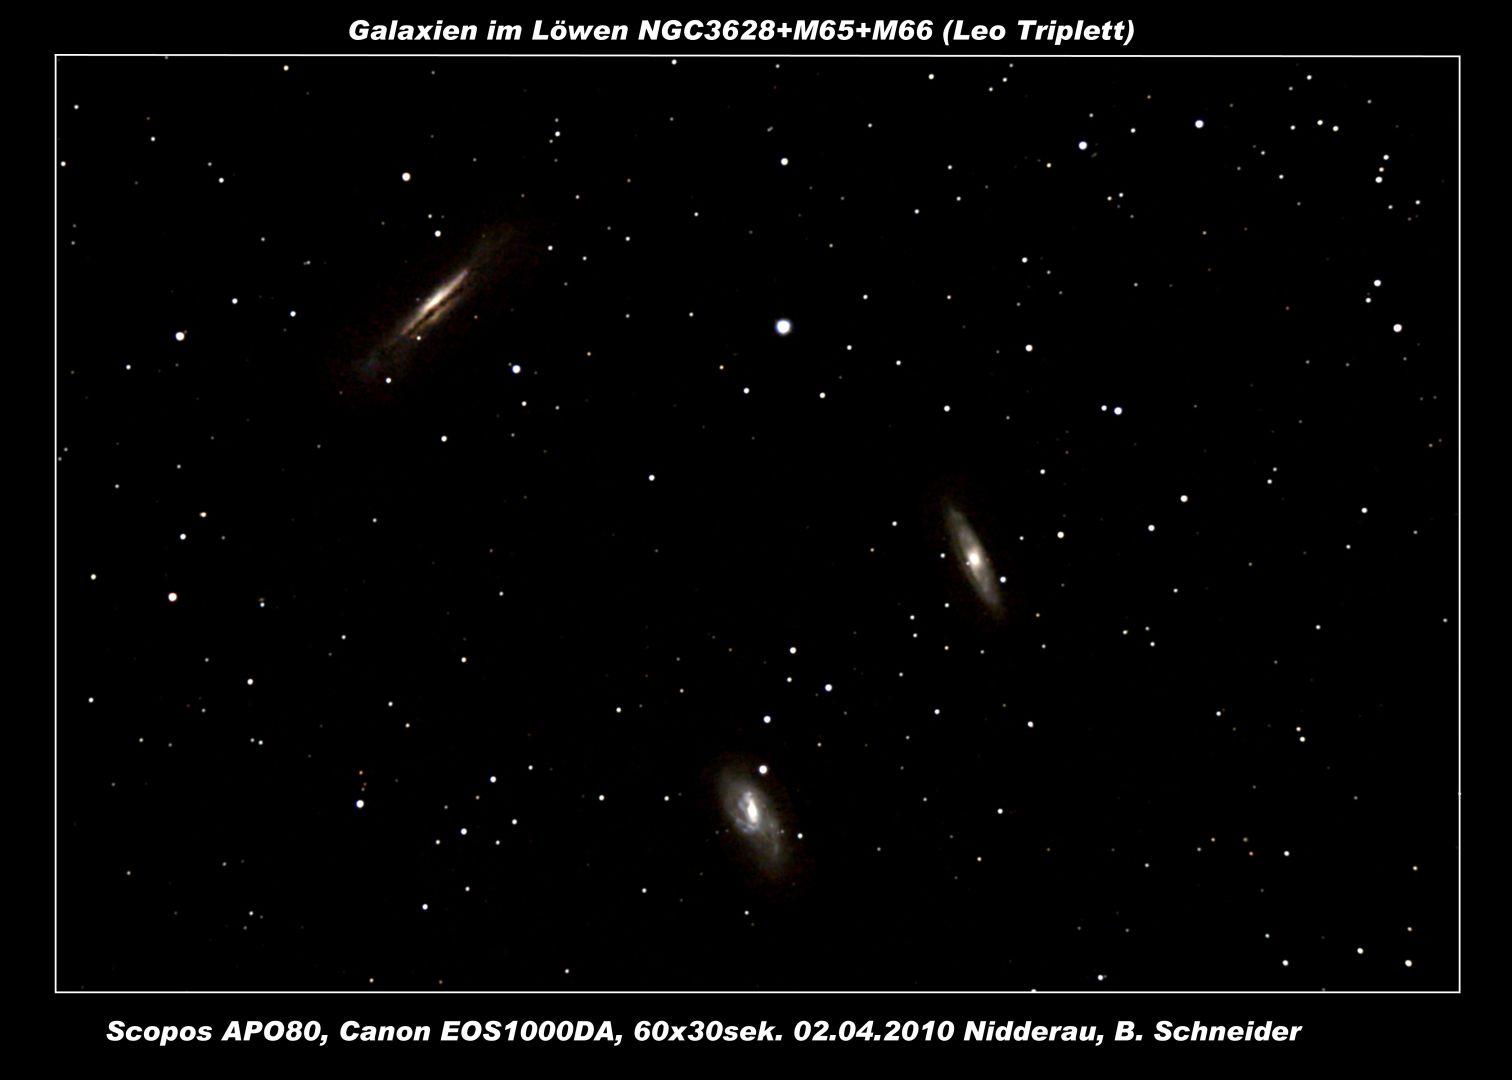 Leo Triplet 02.04.2010.jpg